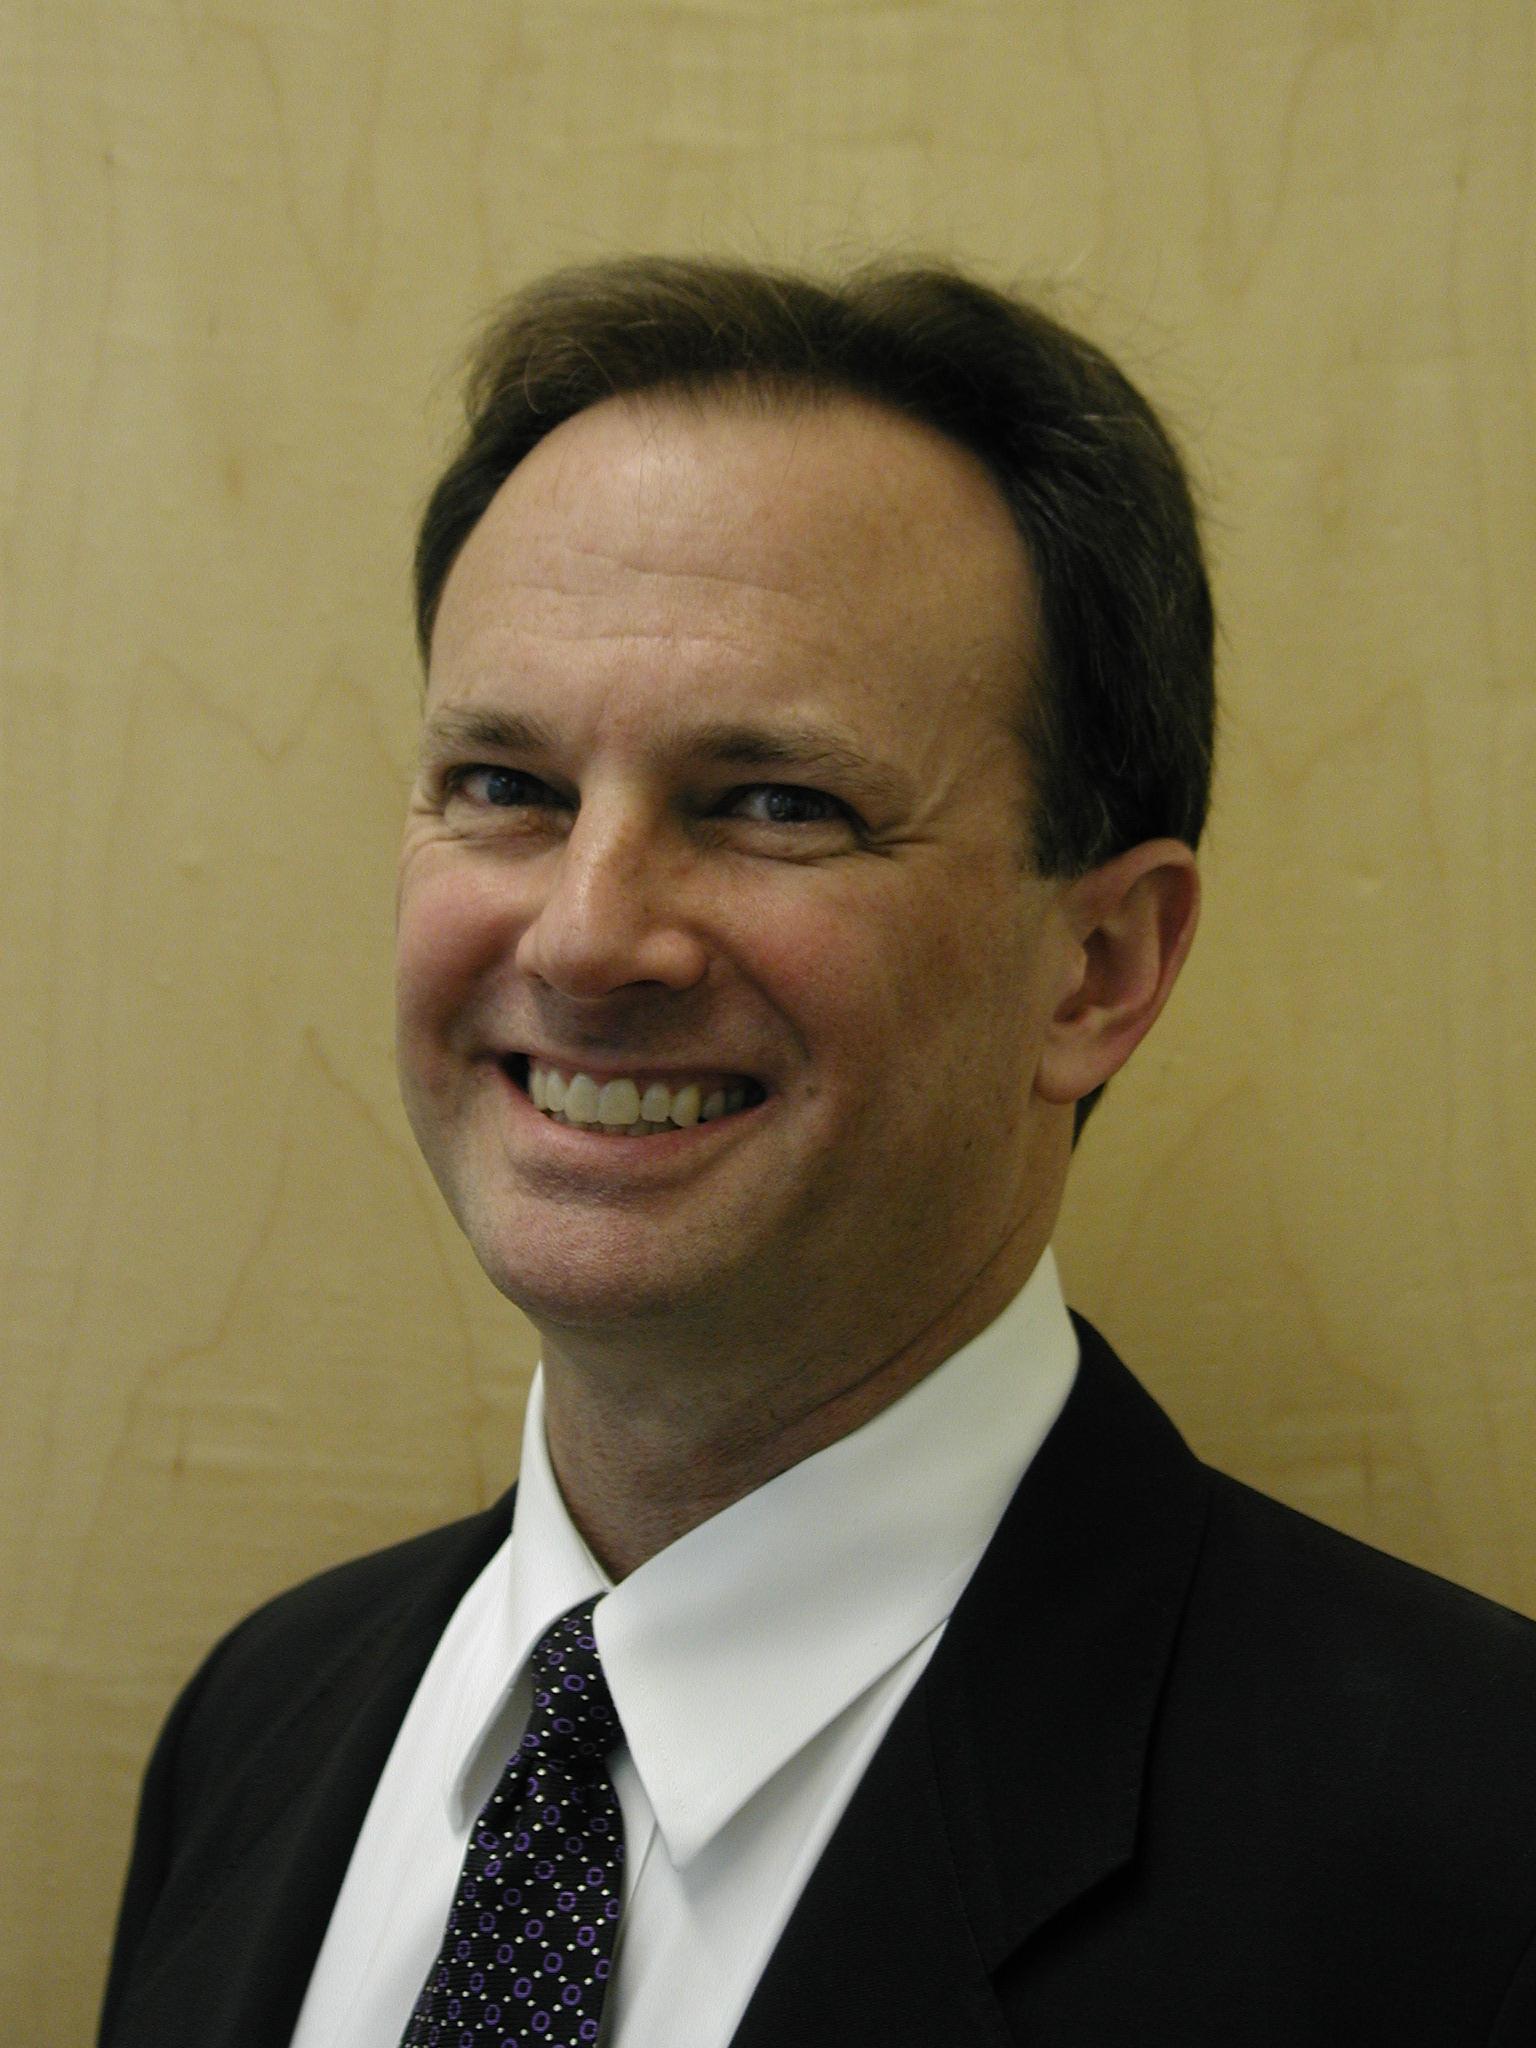 David Solitare